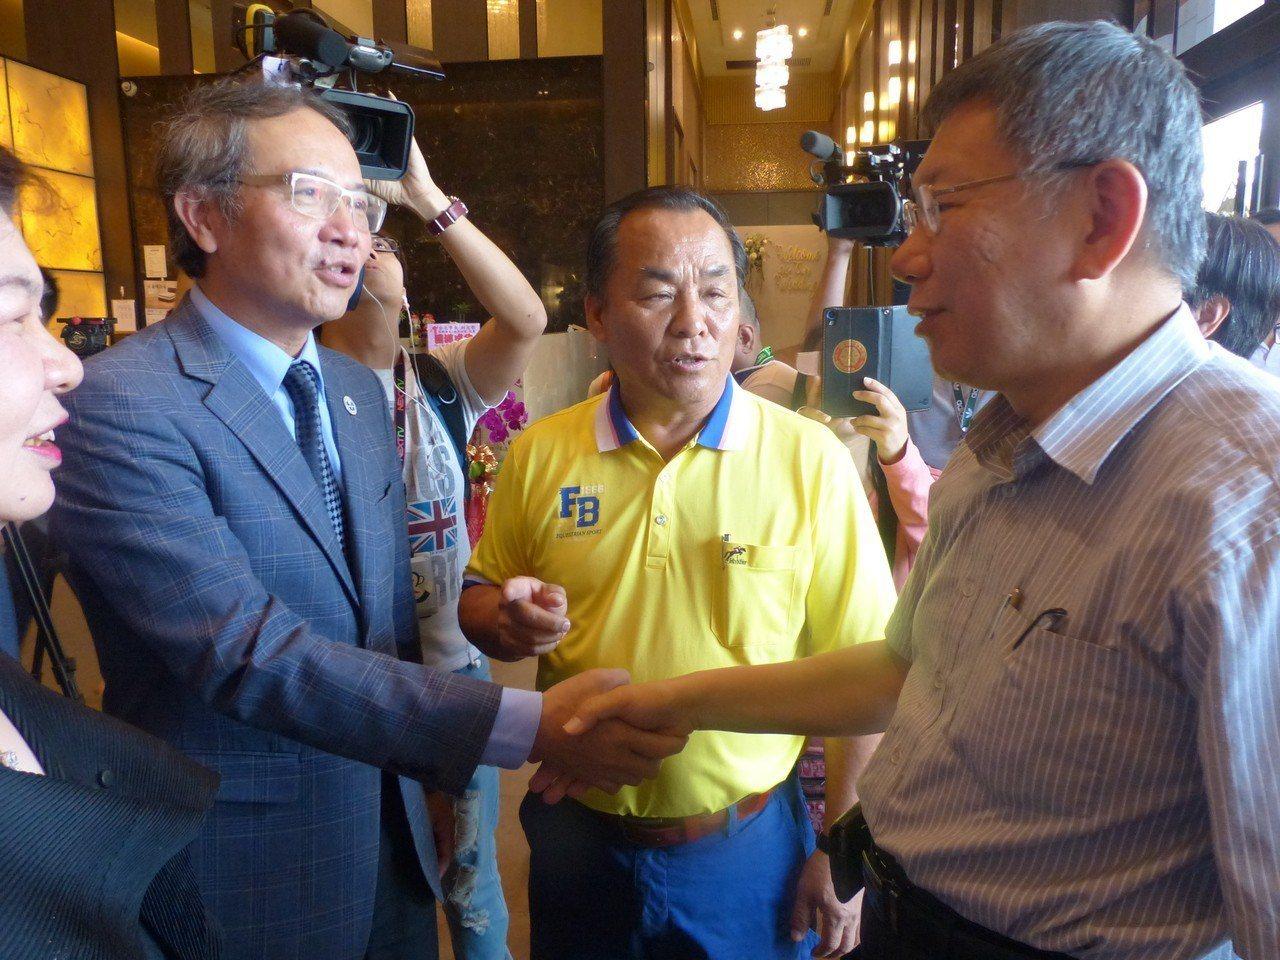 台北市長柯文哲今天上午應彰化縣中小企業協會邀請,以「城市治理」為題發表演講,受到...